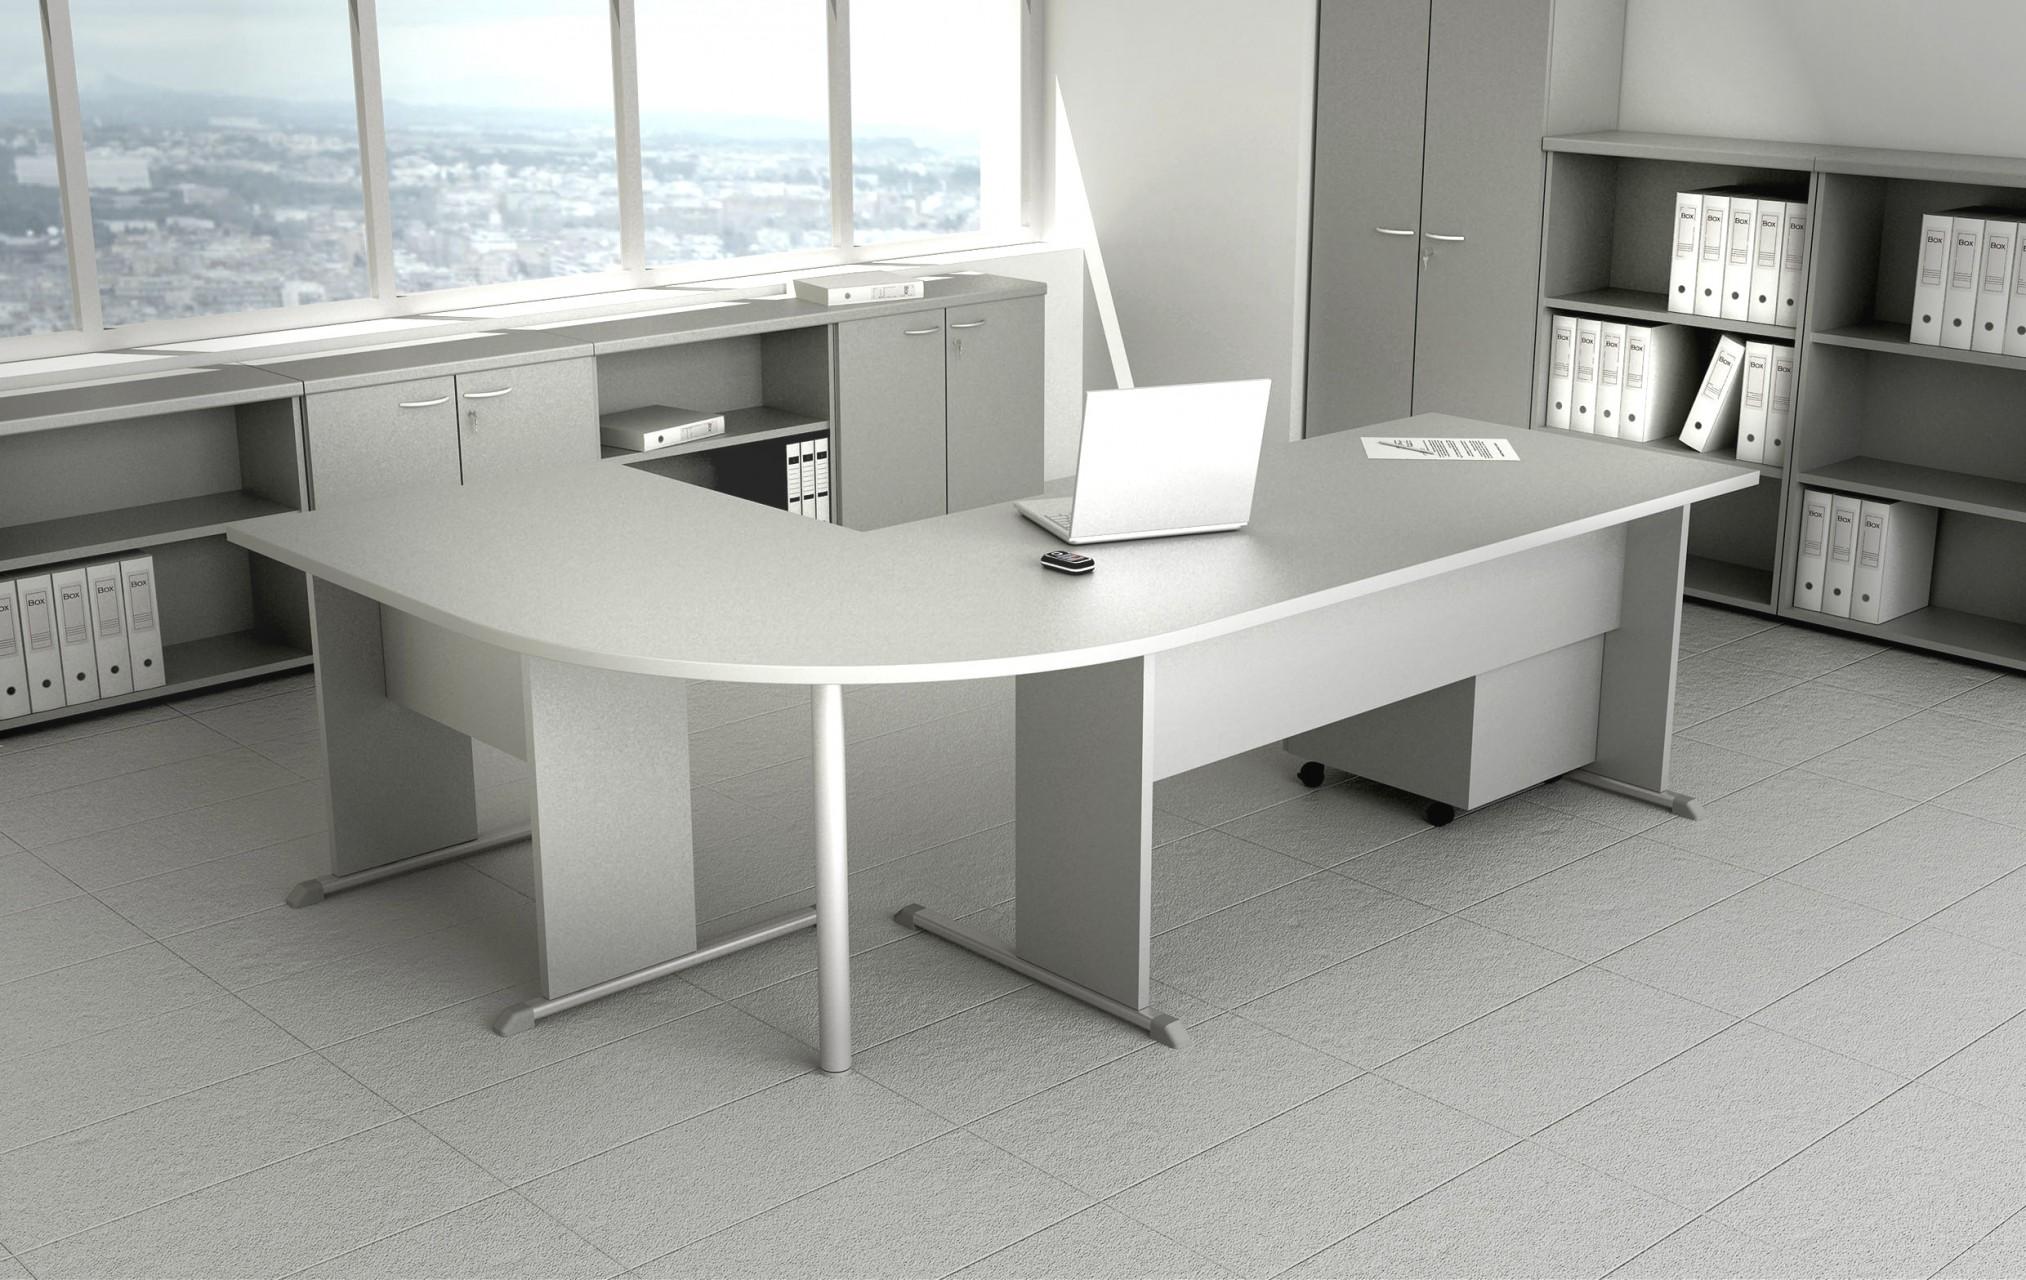 bureau modulaire votre bureau pr fabriqu 100 personnalisable par solfab bureau modulaire. Black Bedroom Furniture Sets. Home Design Ideas